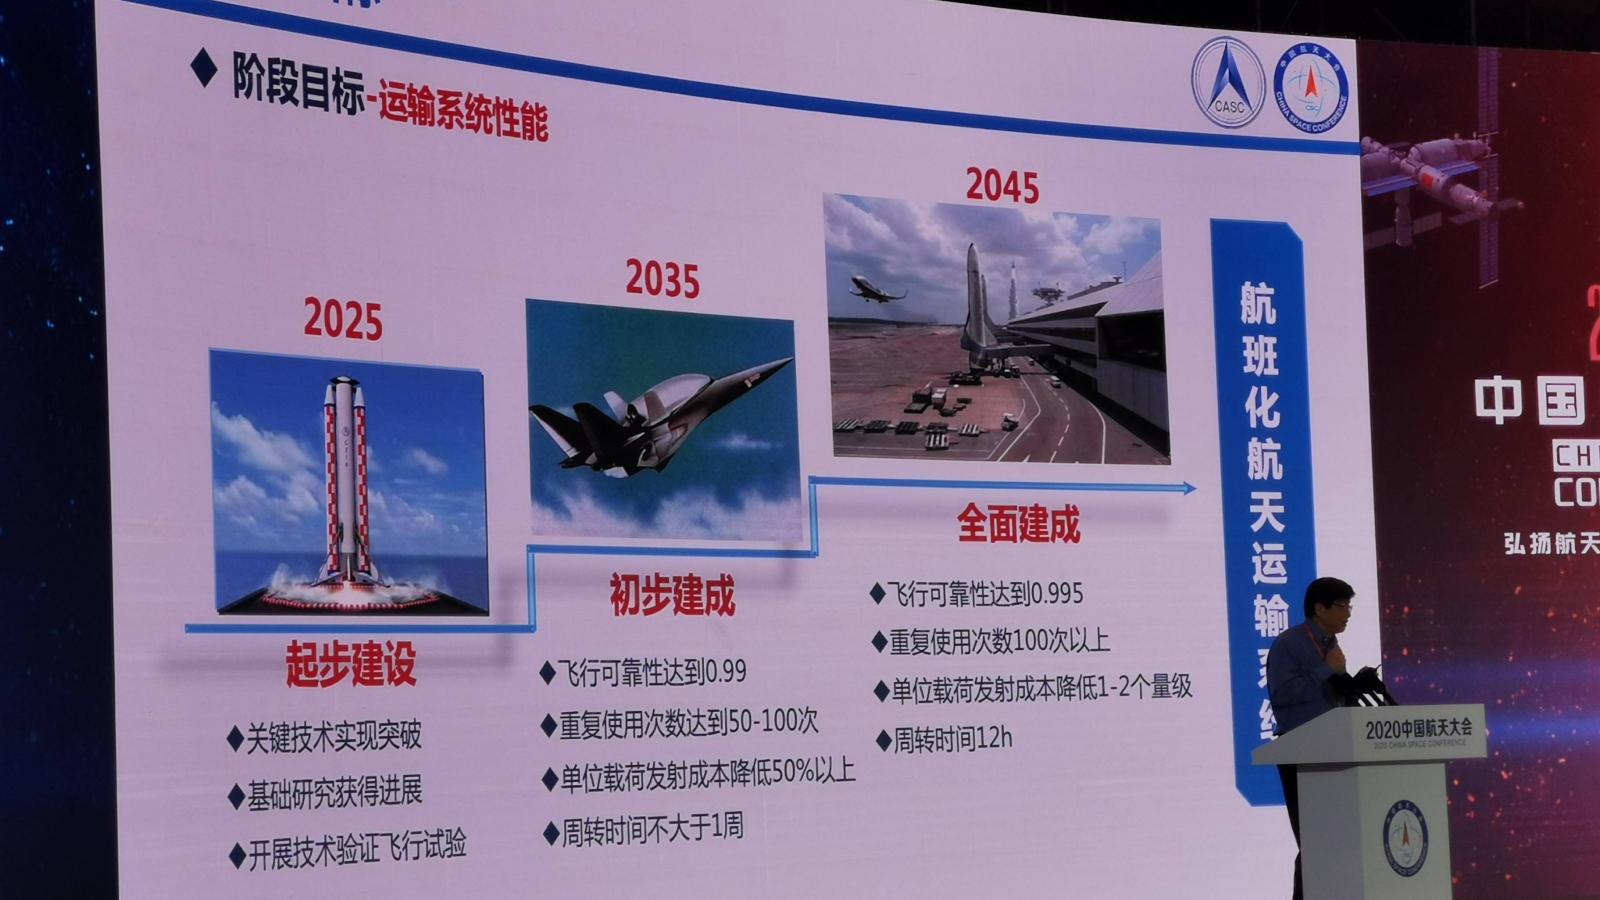 Trung Quốc sẽ bay vào không gian định kỳ từ năm 2045